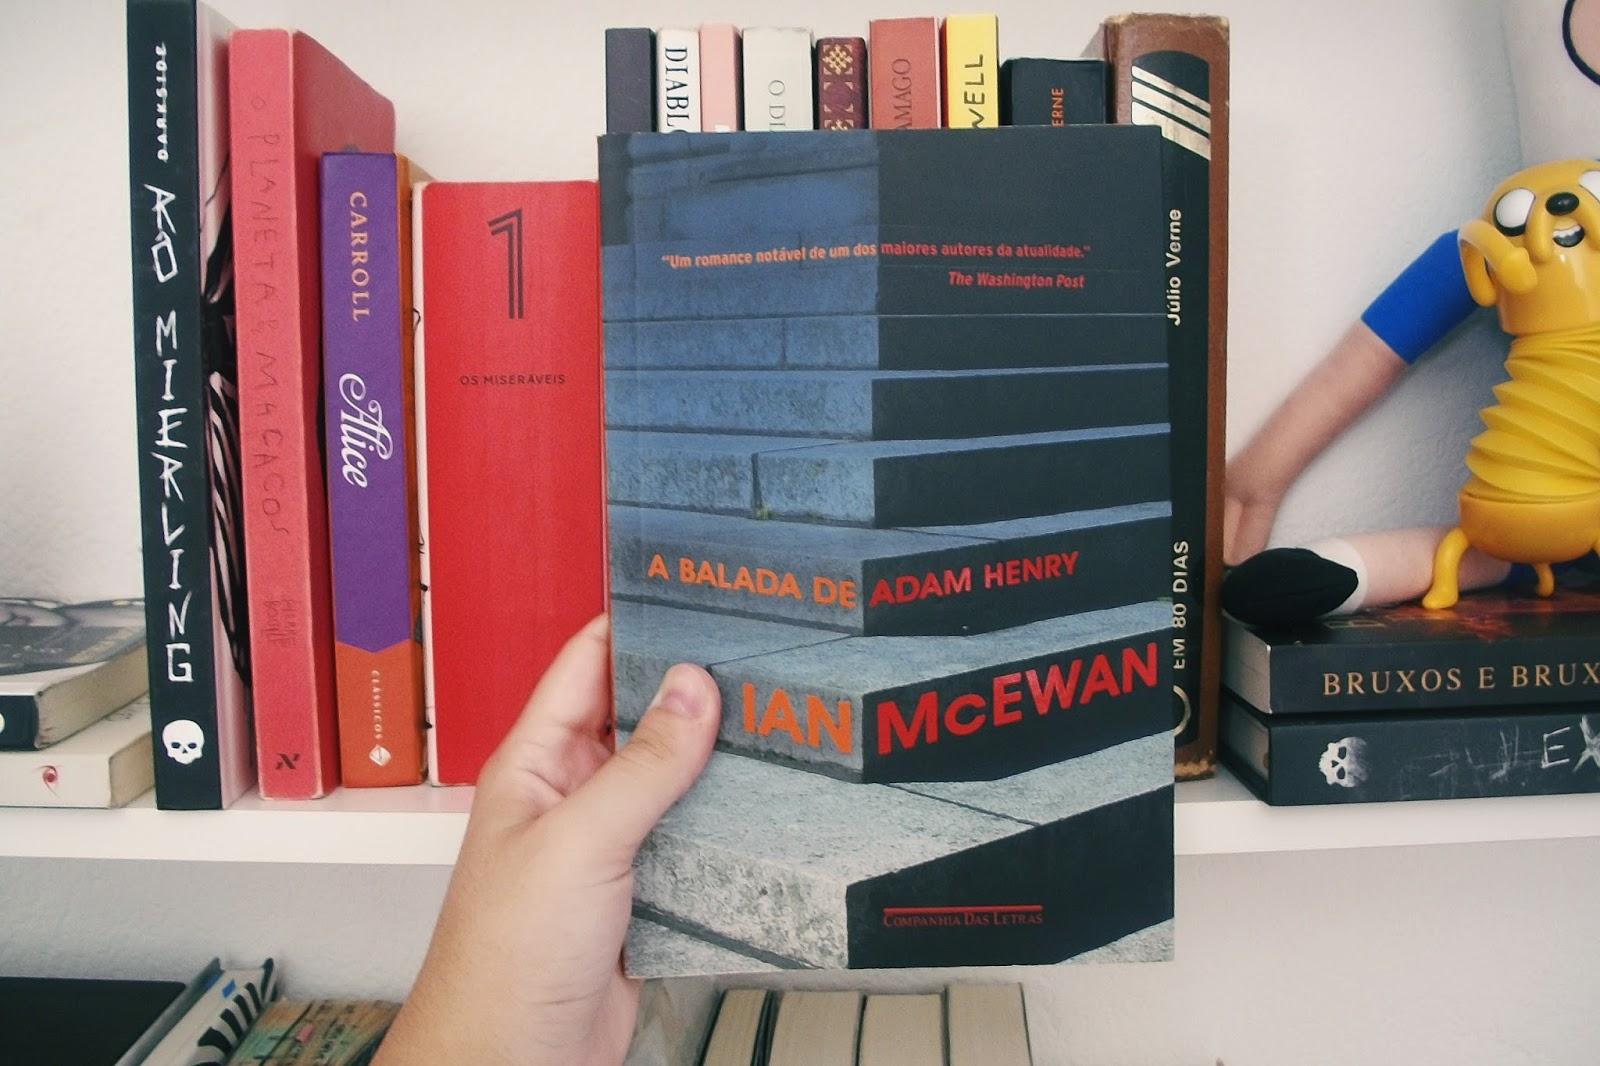 A Balada de Adam Henry, Ian McEwan (#6)